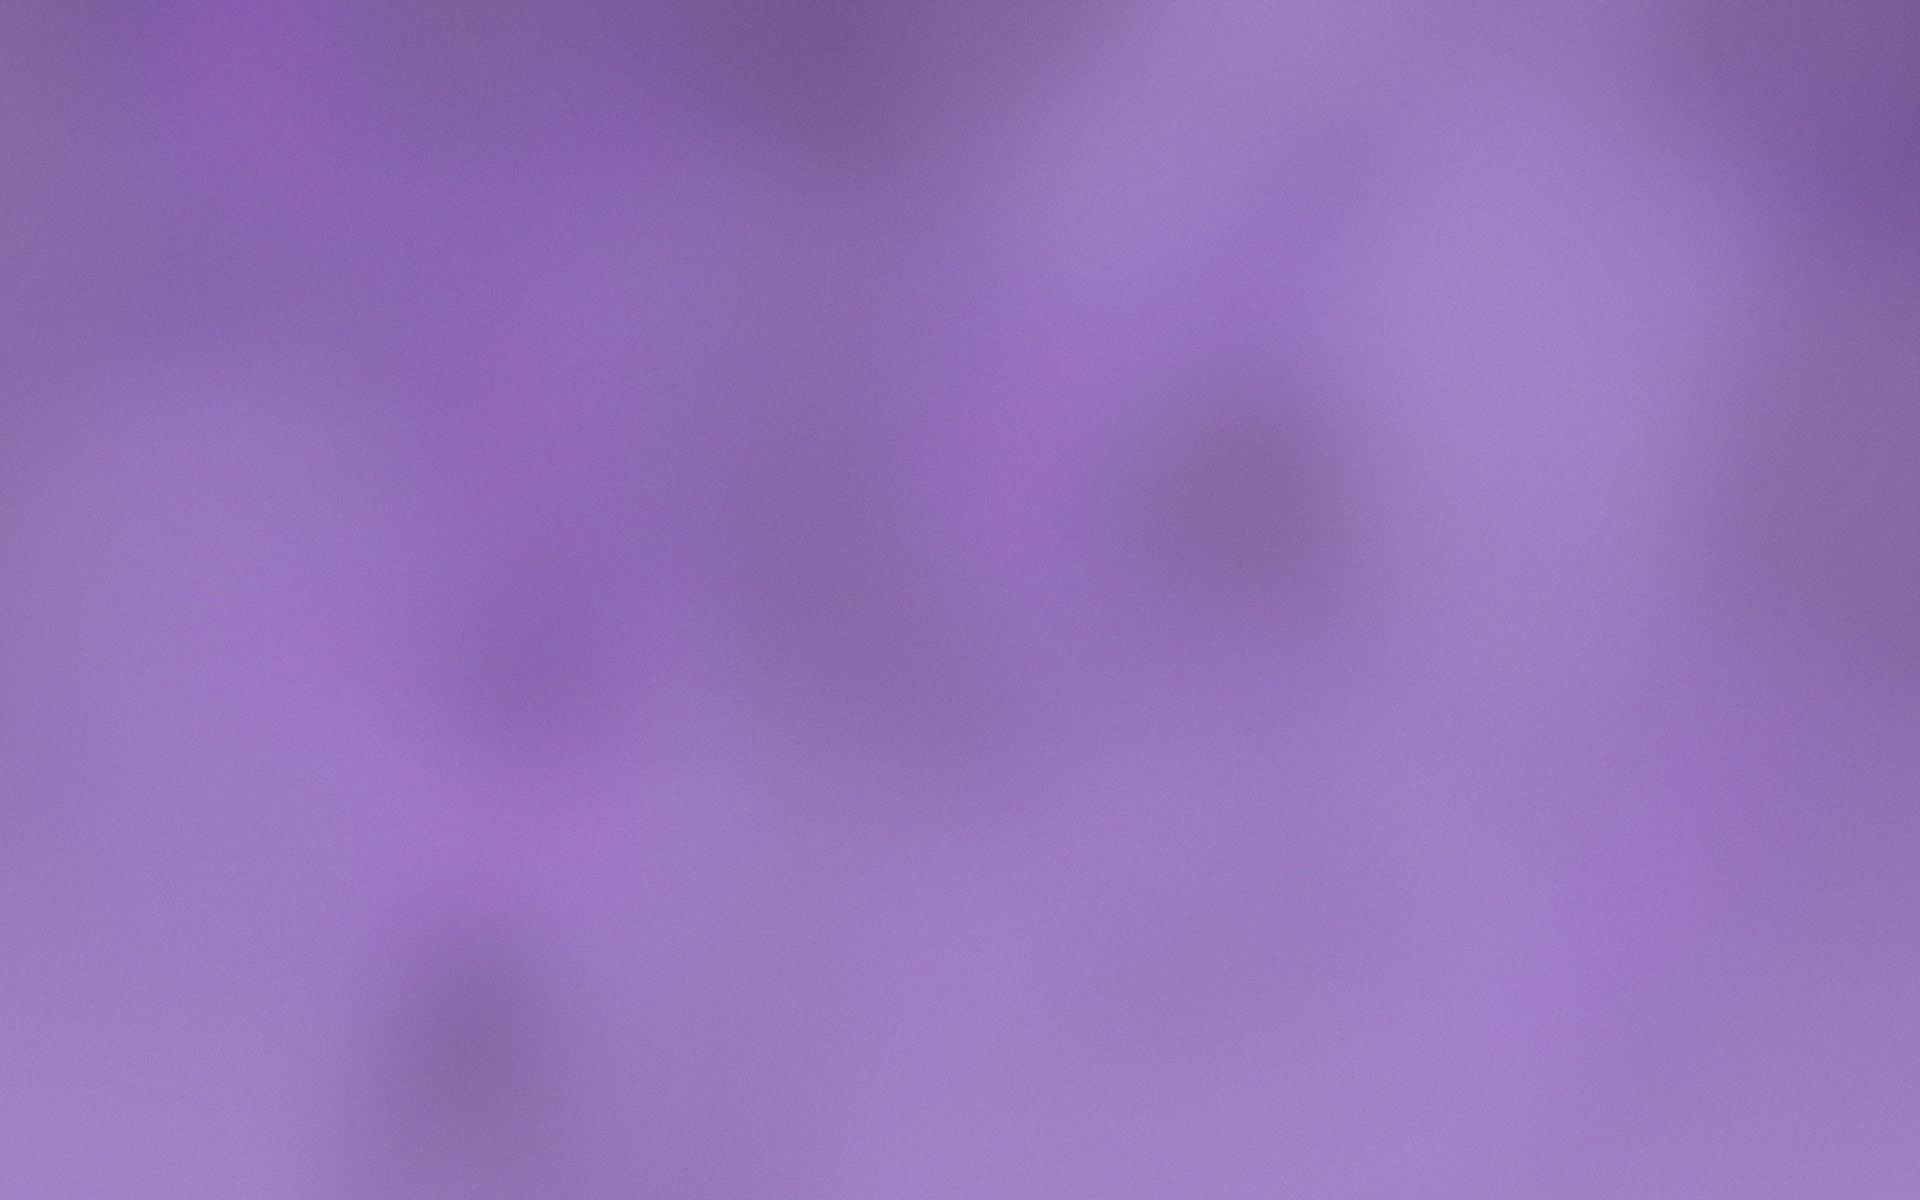 <b>Purple Textured Curves Wallpaper</b> - WallDevil